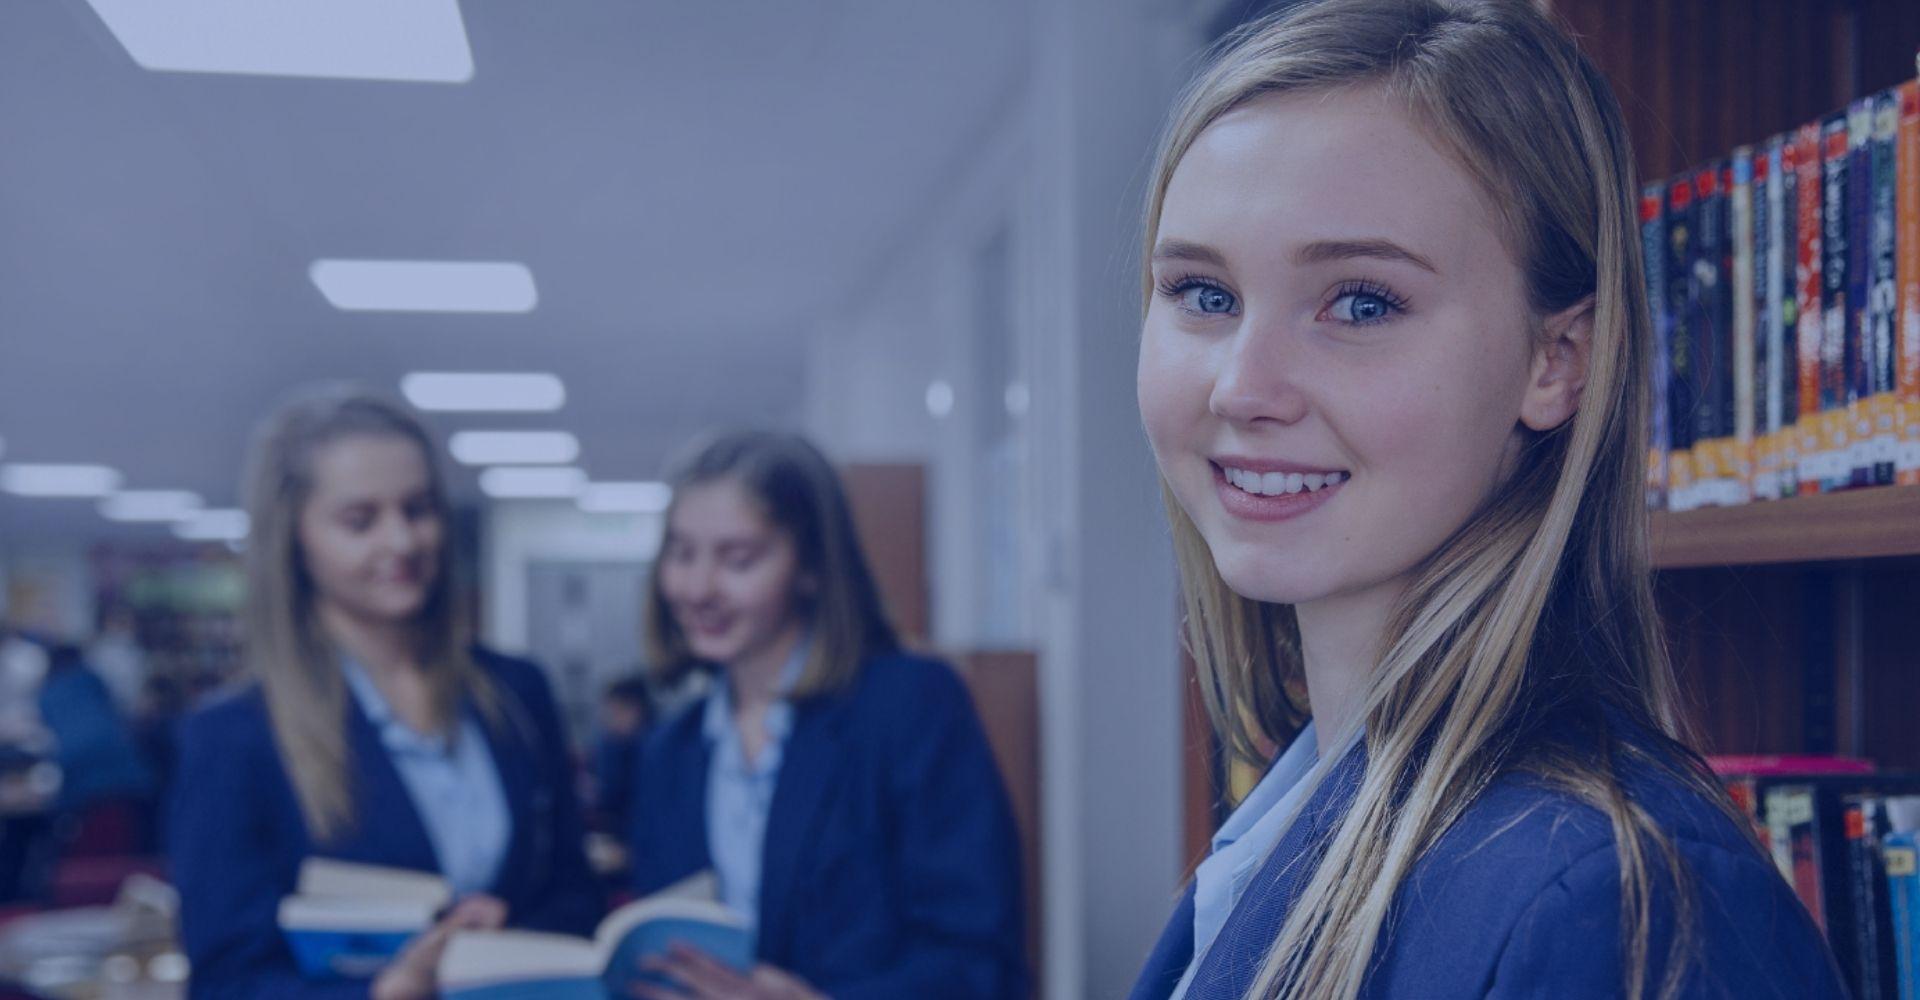 Estudiar en un Boarding School